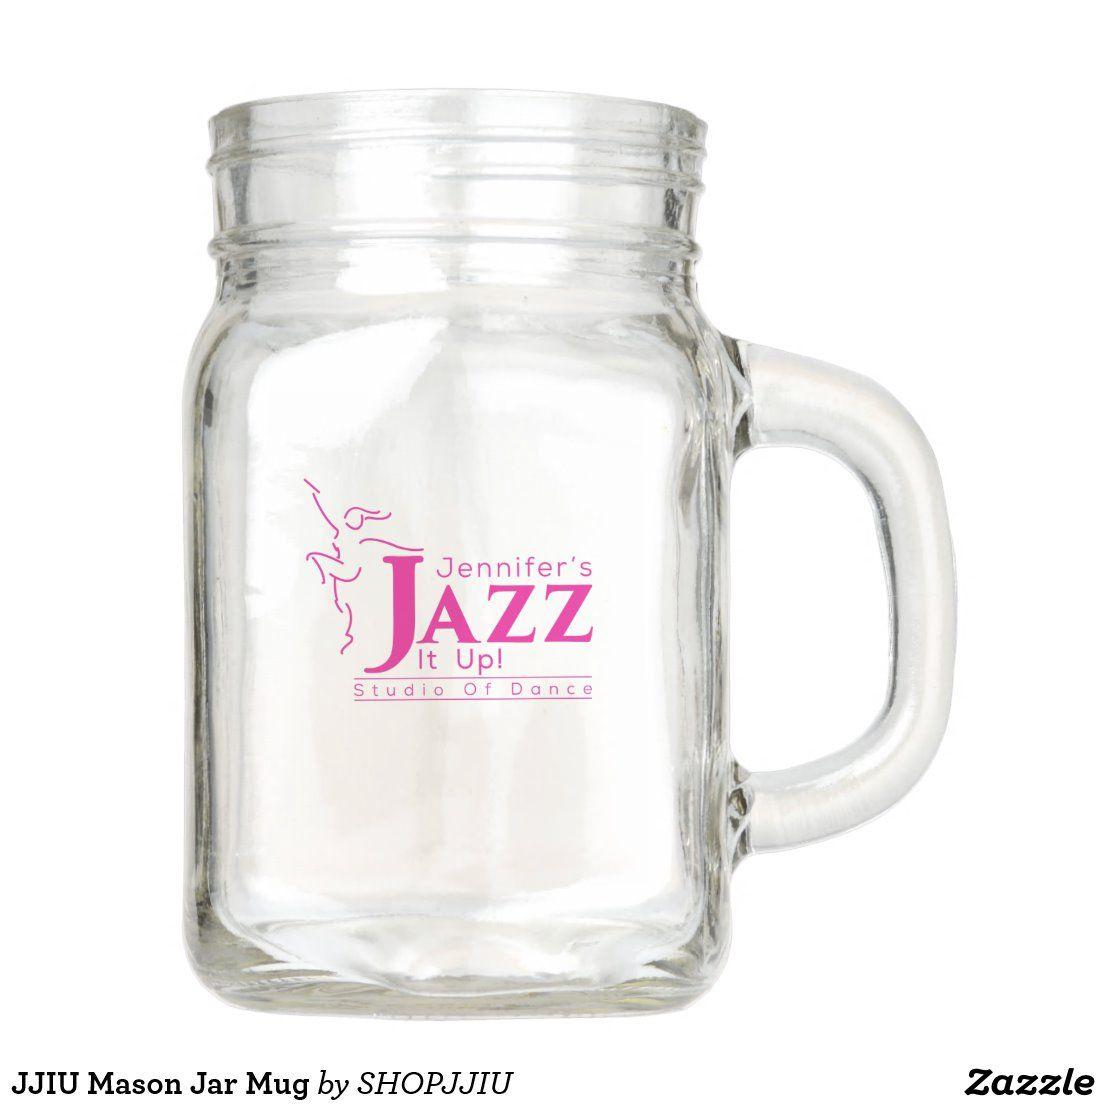 JJIU Mason jar mug